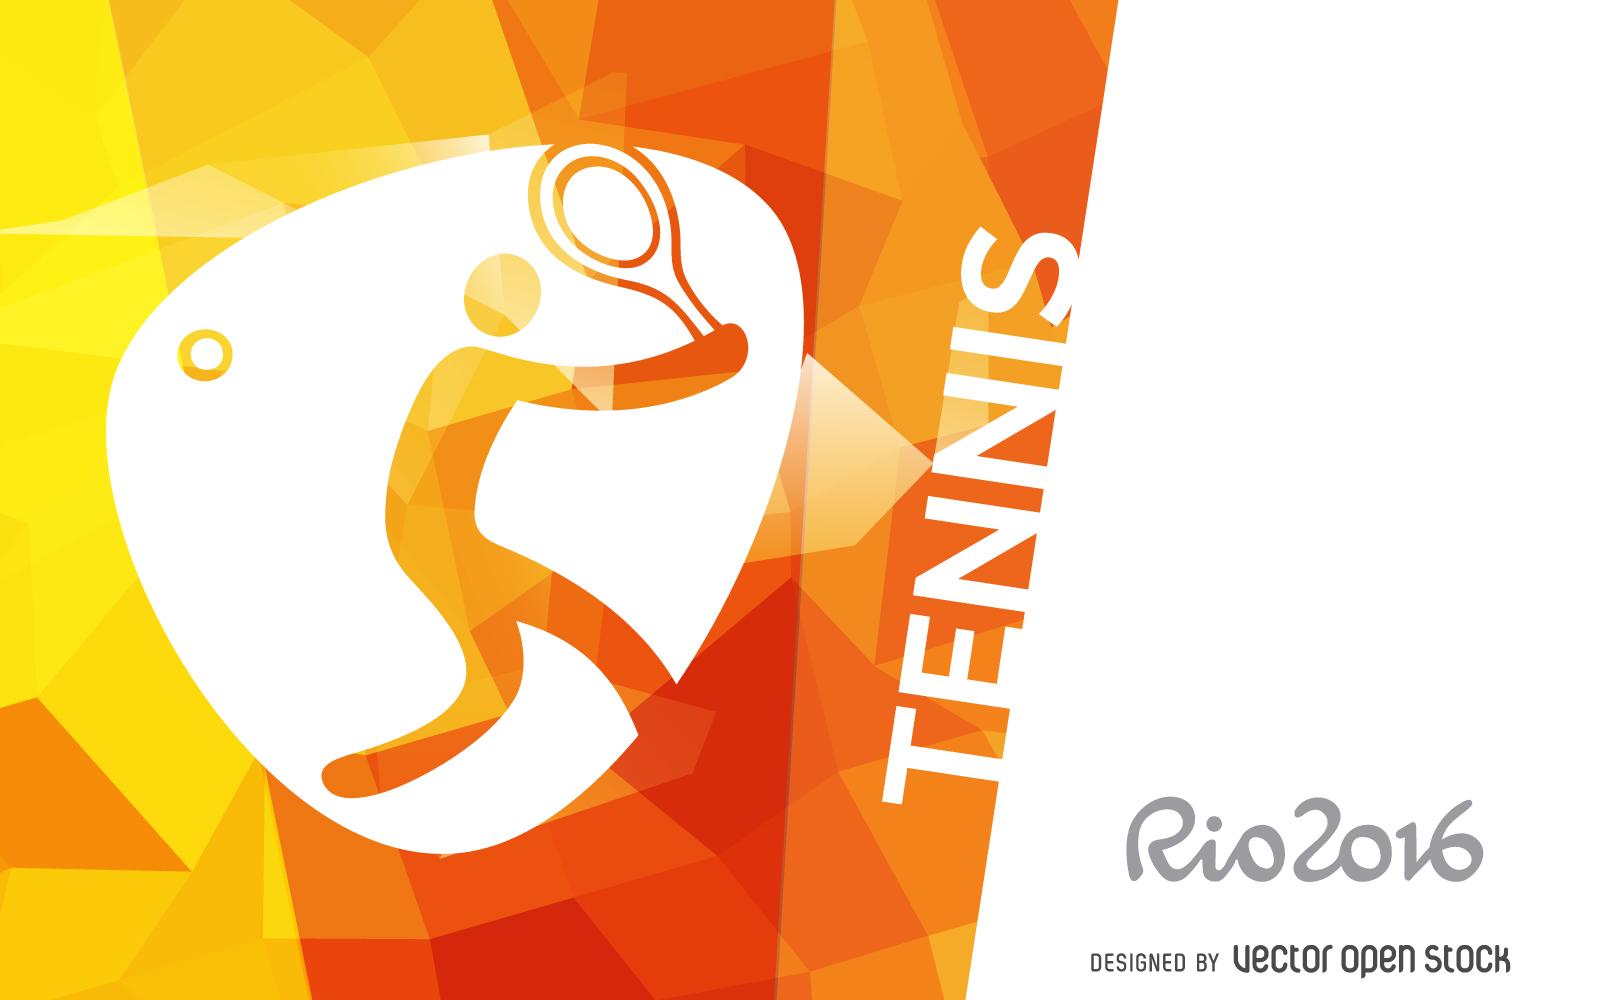 rio-2016-tennis-poster